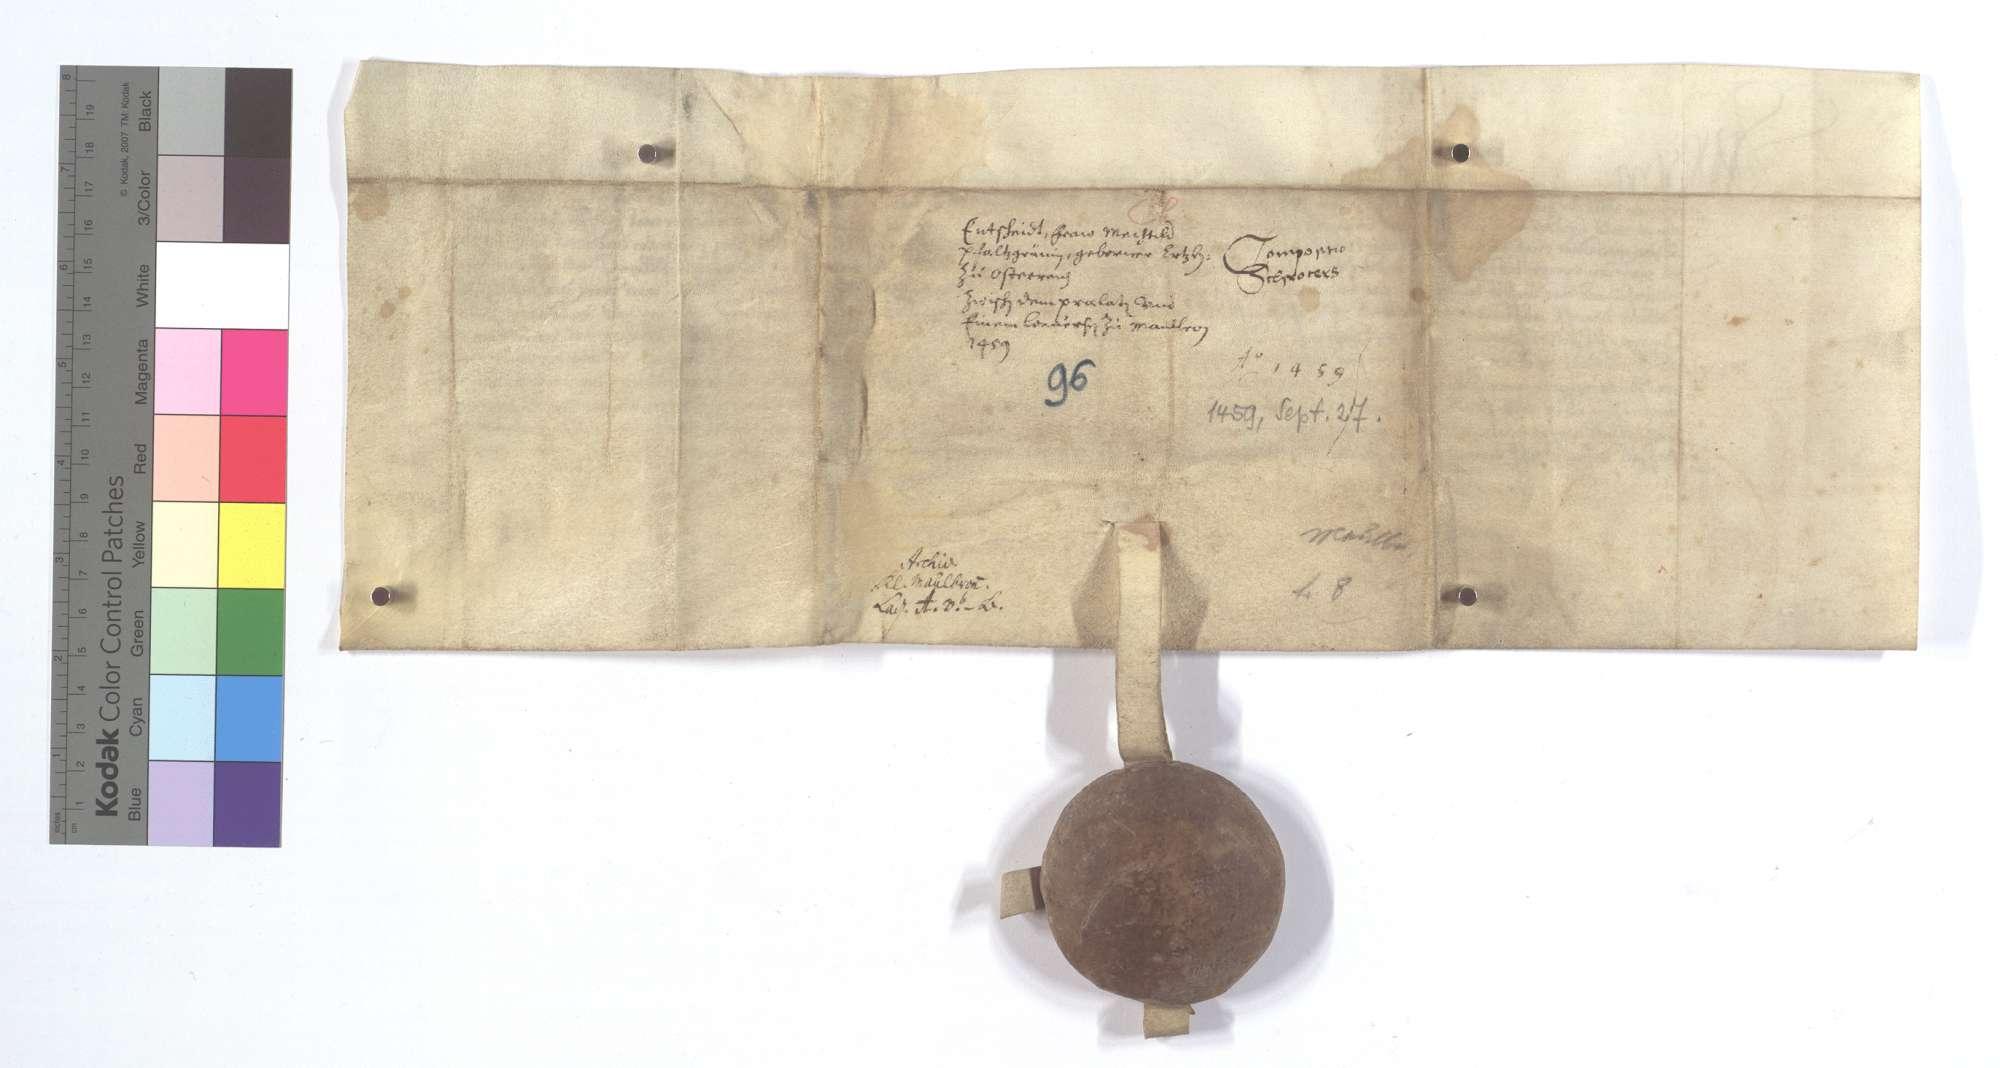 Vereinbarung (Richtung) zwischen dem Kloster Maulbronn und Conrad Schroeter, einem Conversen desselben [Klosters], wegen dessen Bestrafung., Rückseite